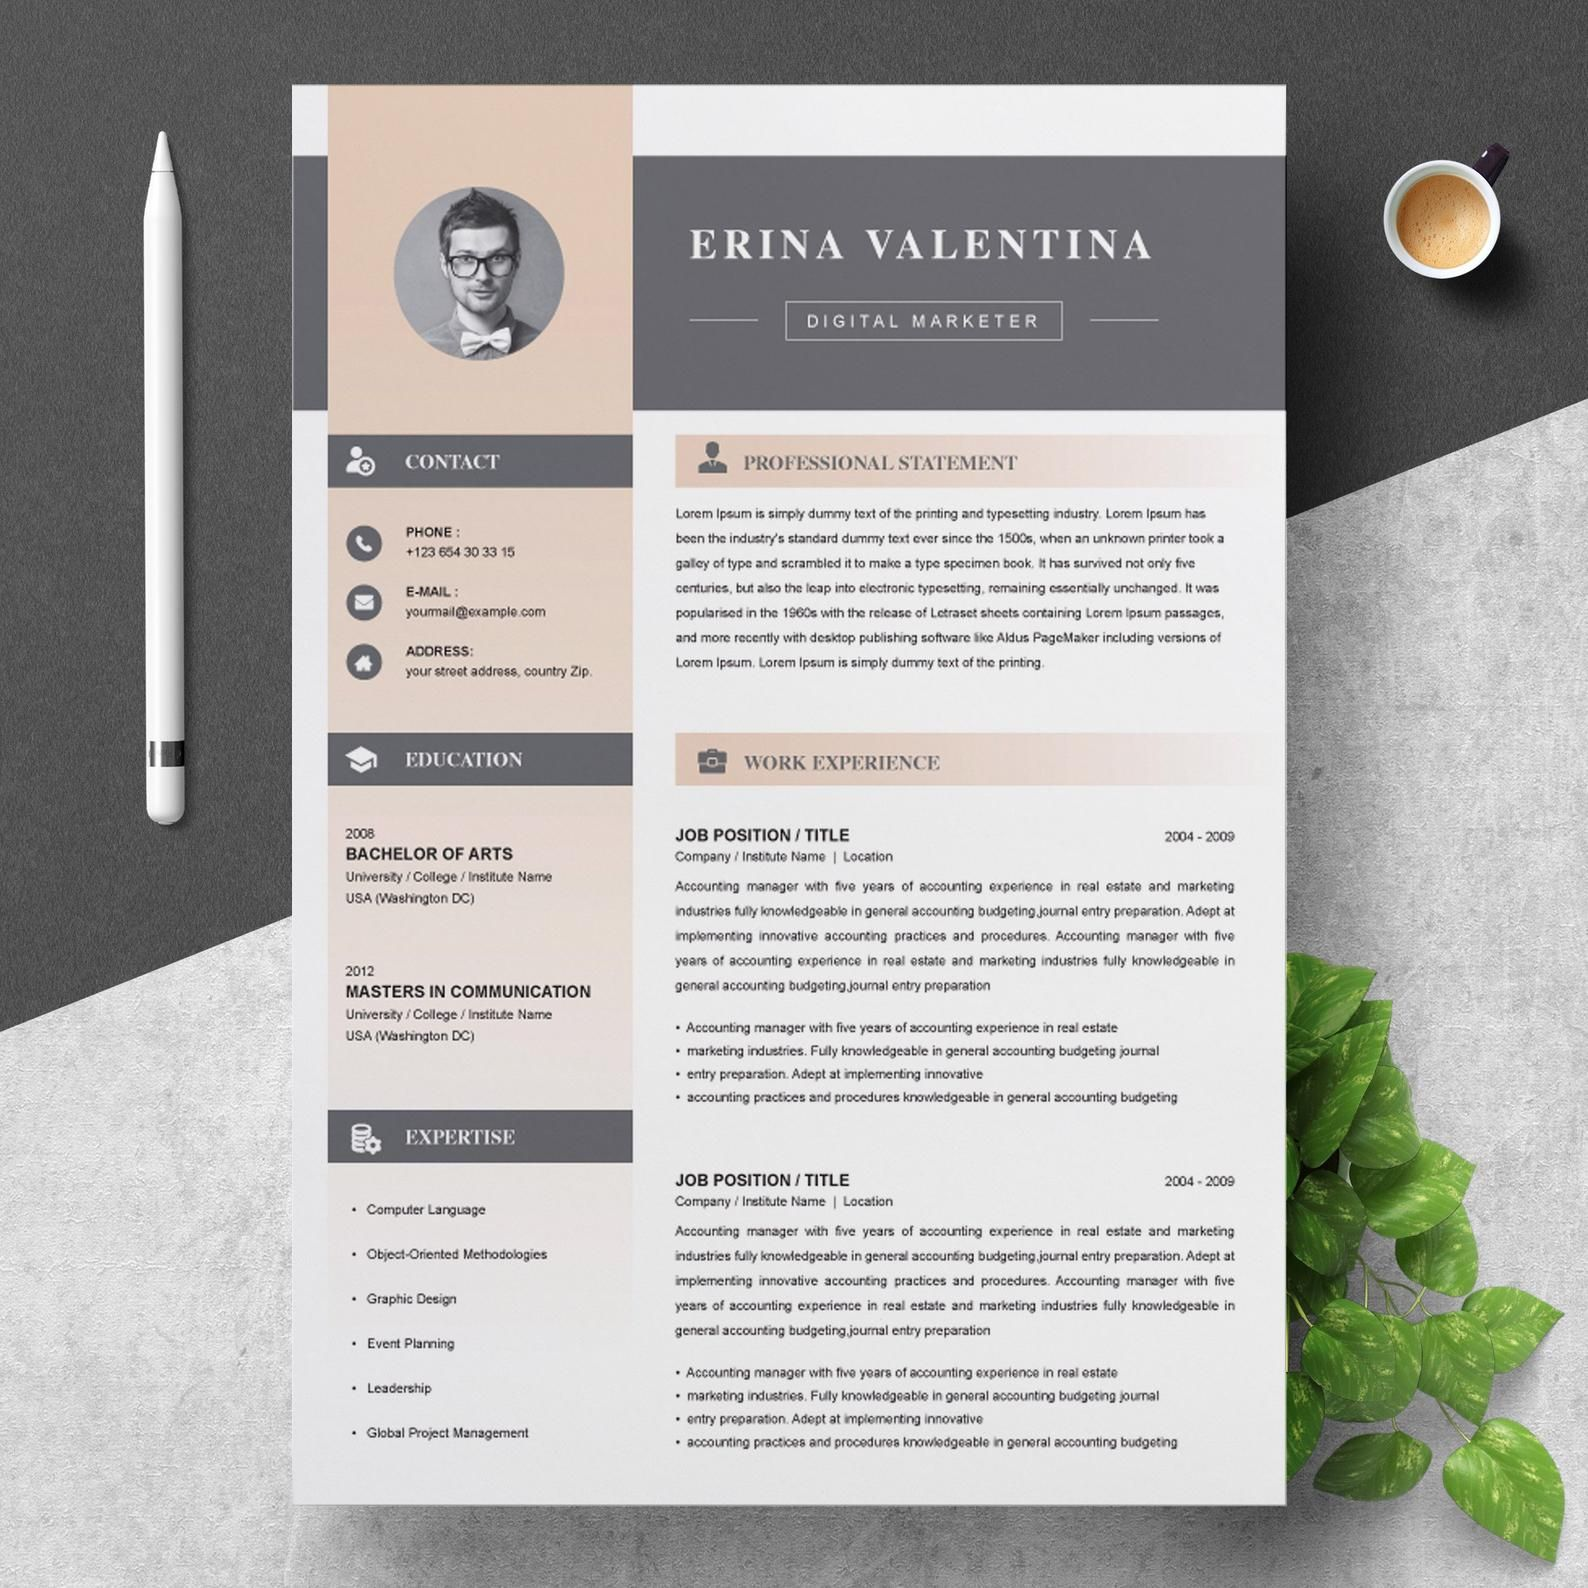 Resume Cv Template With Cover Letter Desain Resume Cv Kreatif Desain Cv